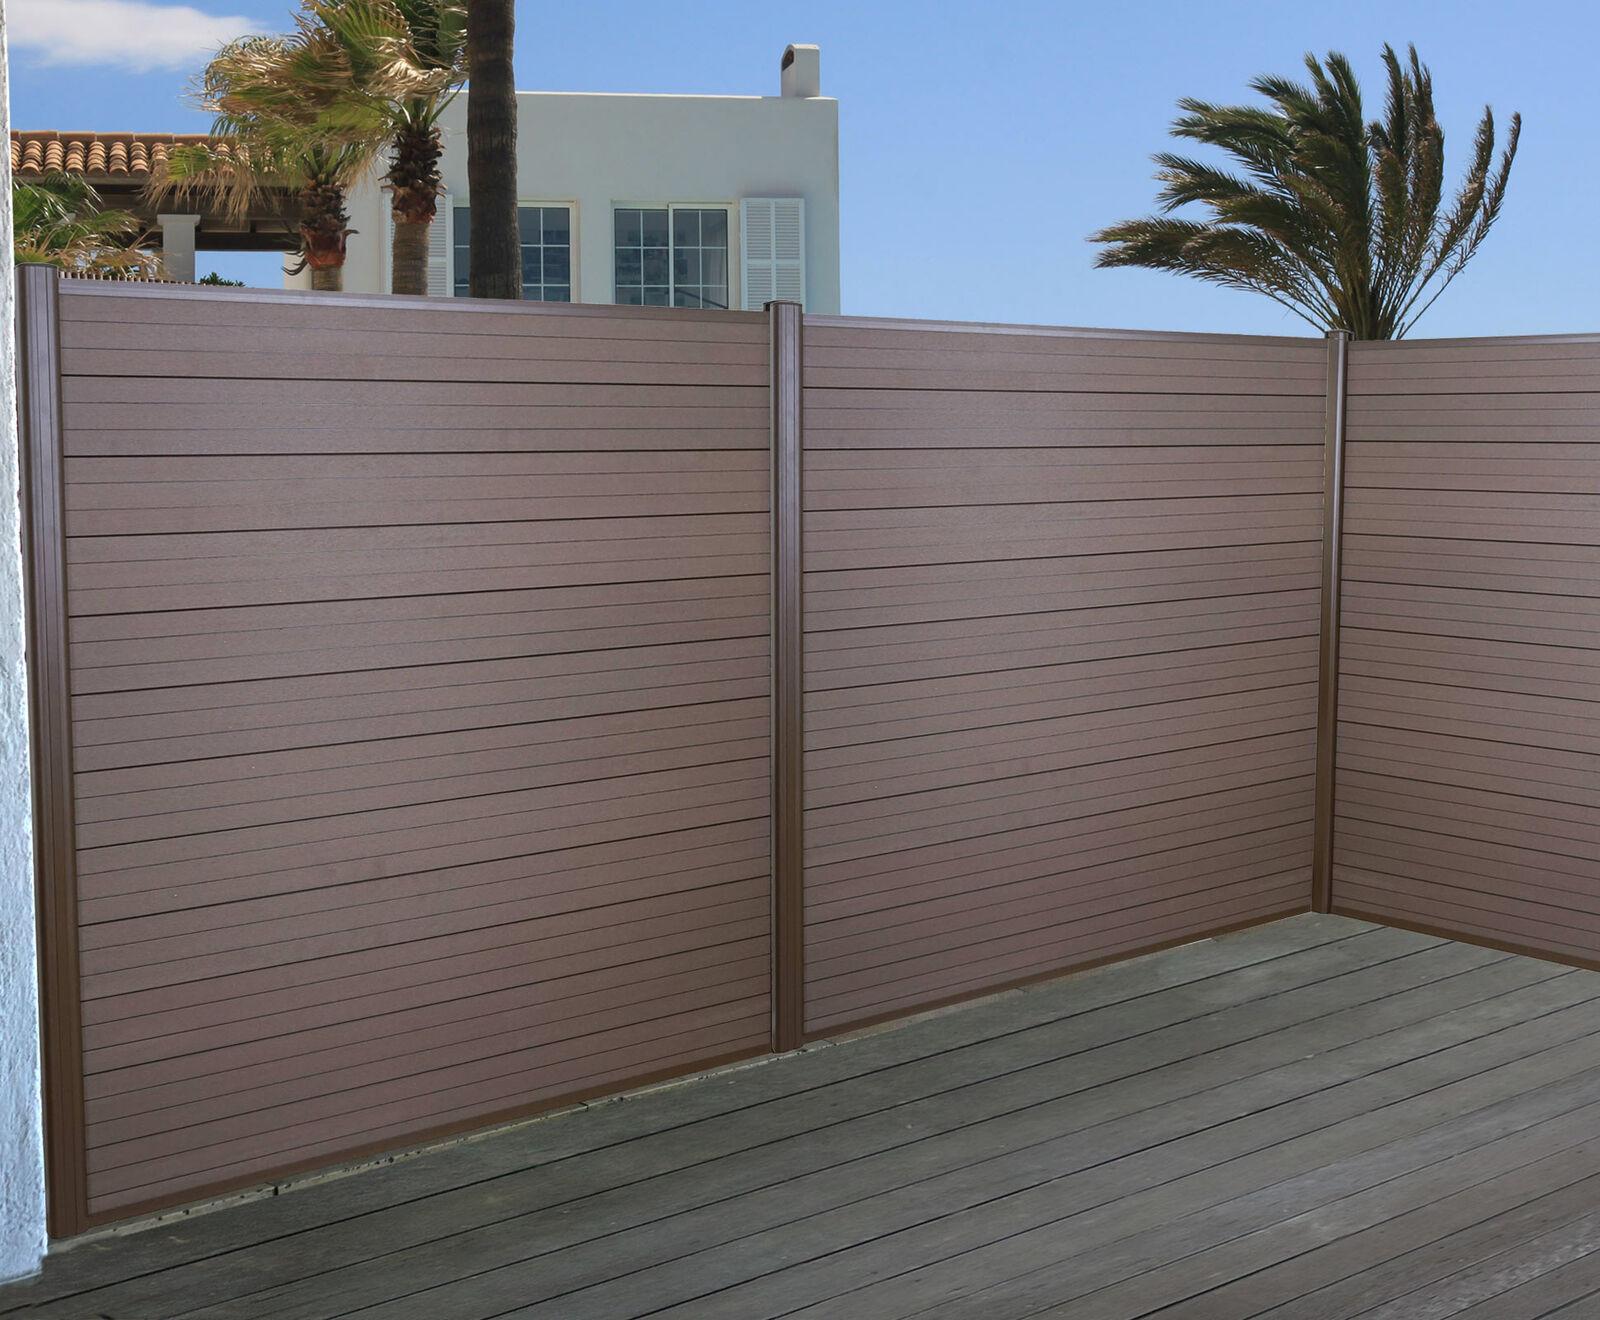 vendita scontata WPC-Antivento Sarthe, recinzione privacy, ALU-MONTANTE 3er 3er 3er Set 5,6m Marronee  il più recente